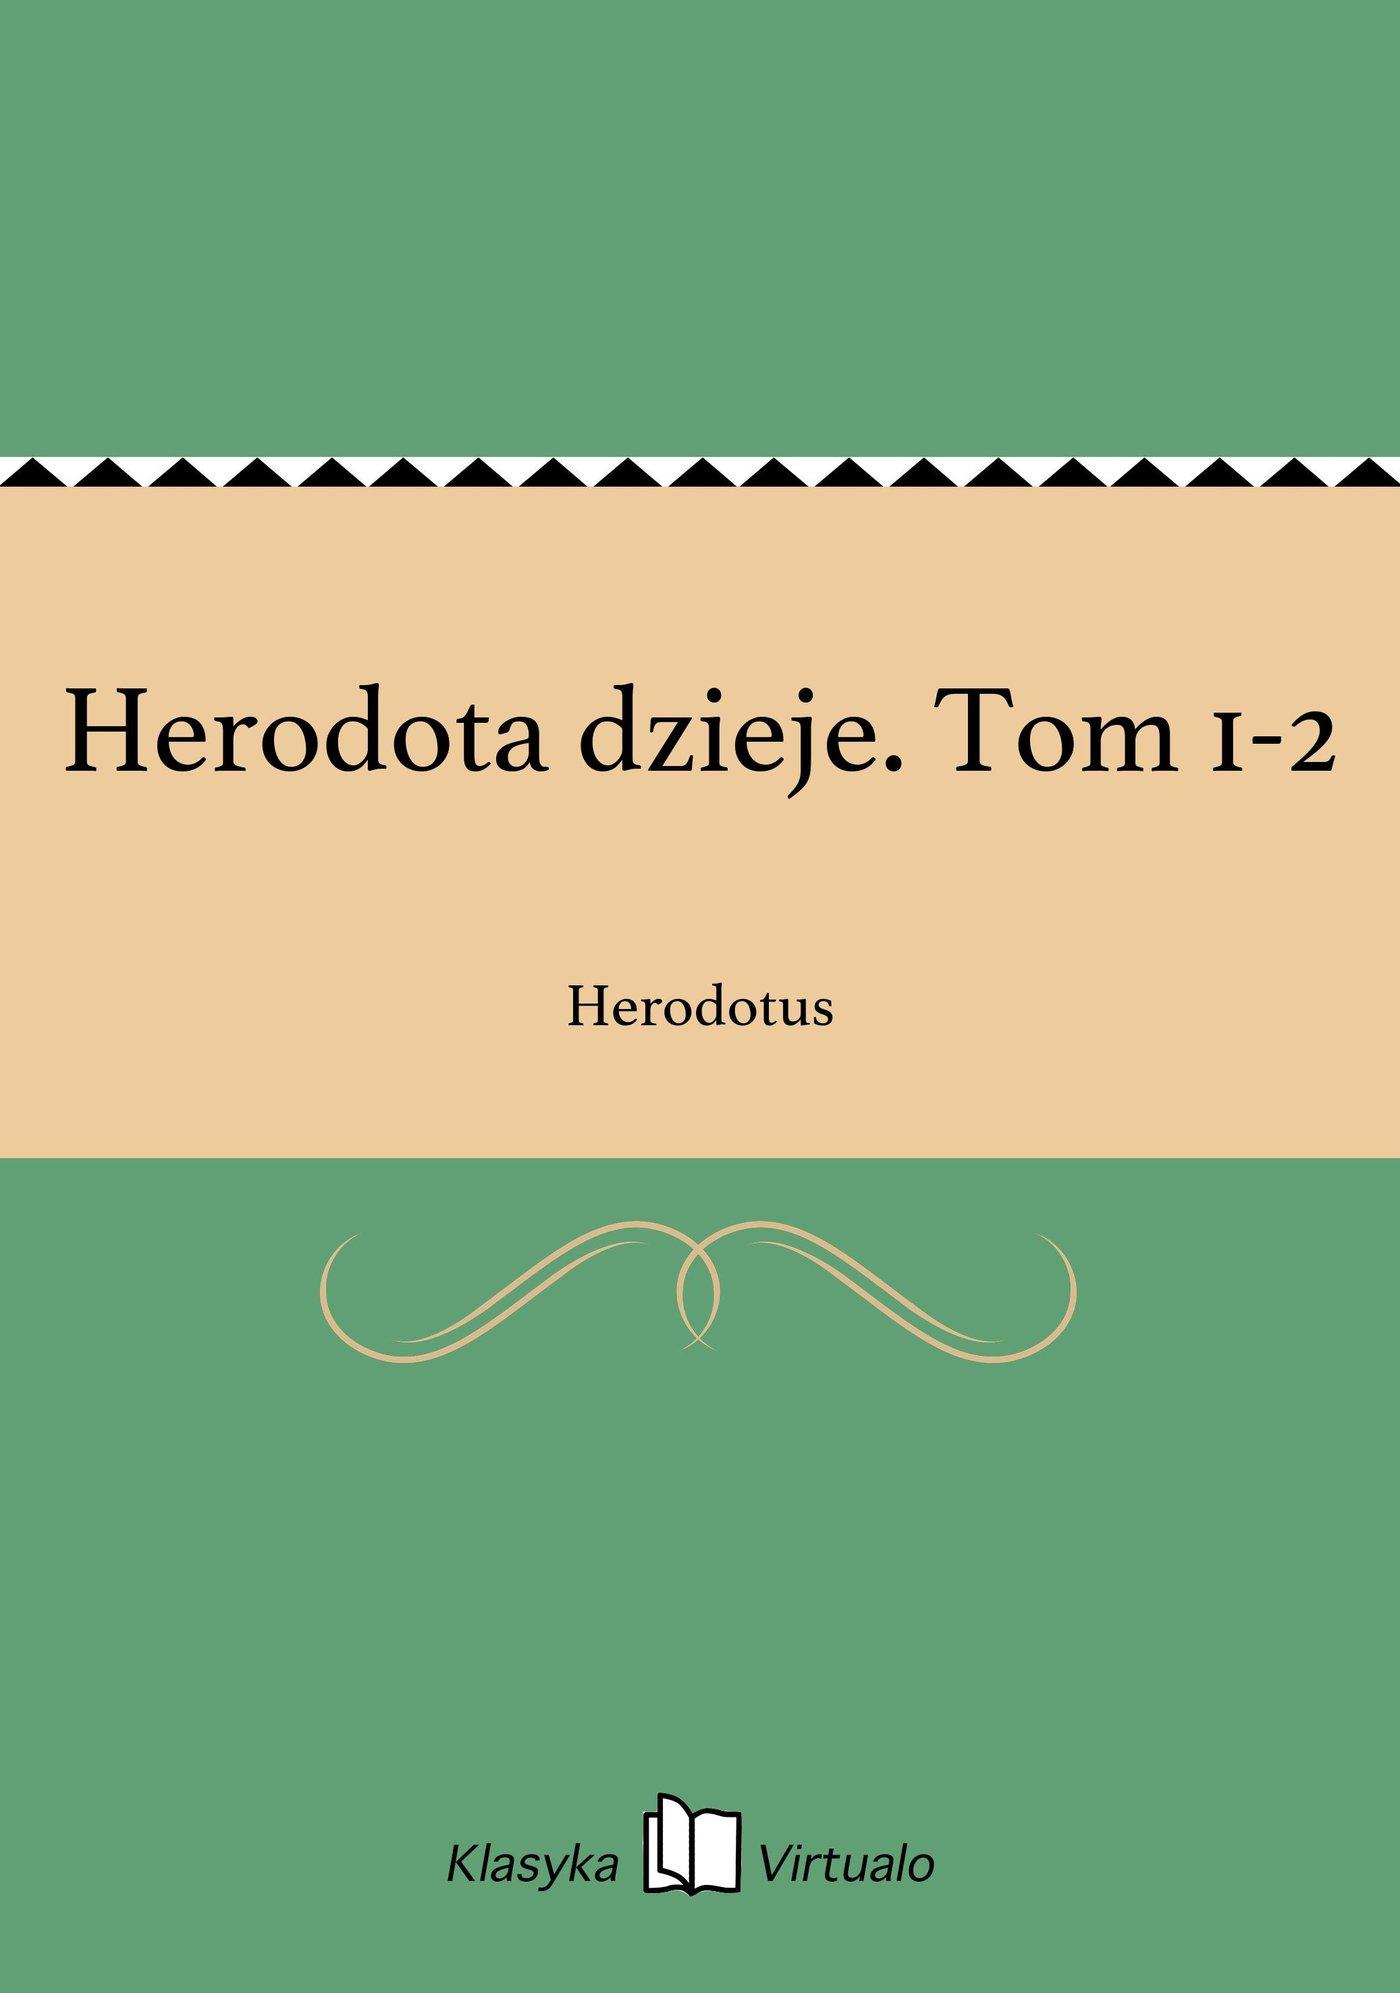 Herodota dzieje. Tom 1-2 - Ebook (Książka EPUB) do pobrania w formacie EPUB